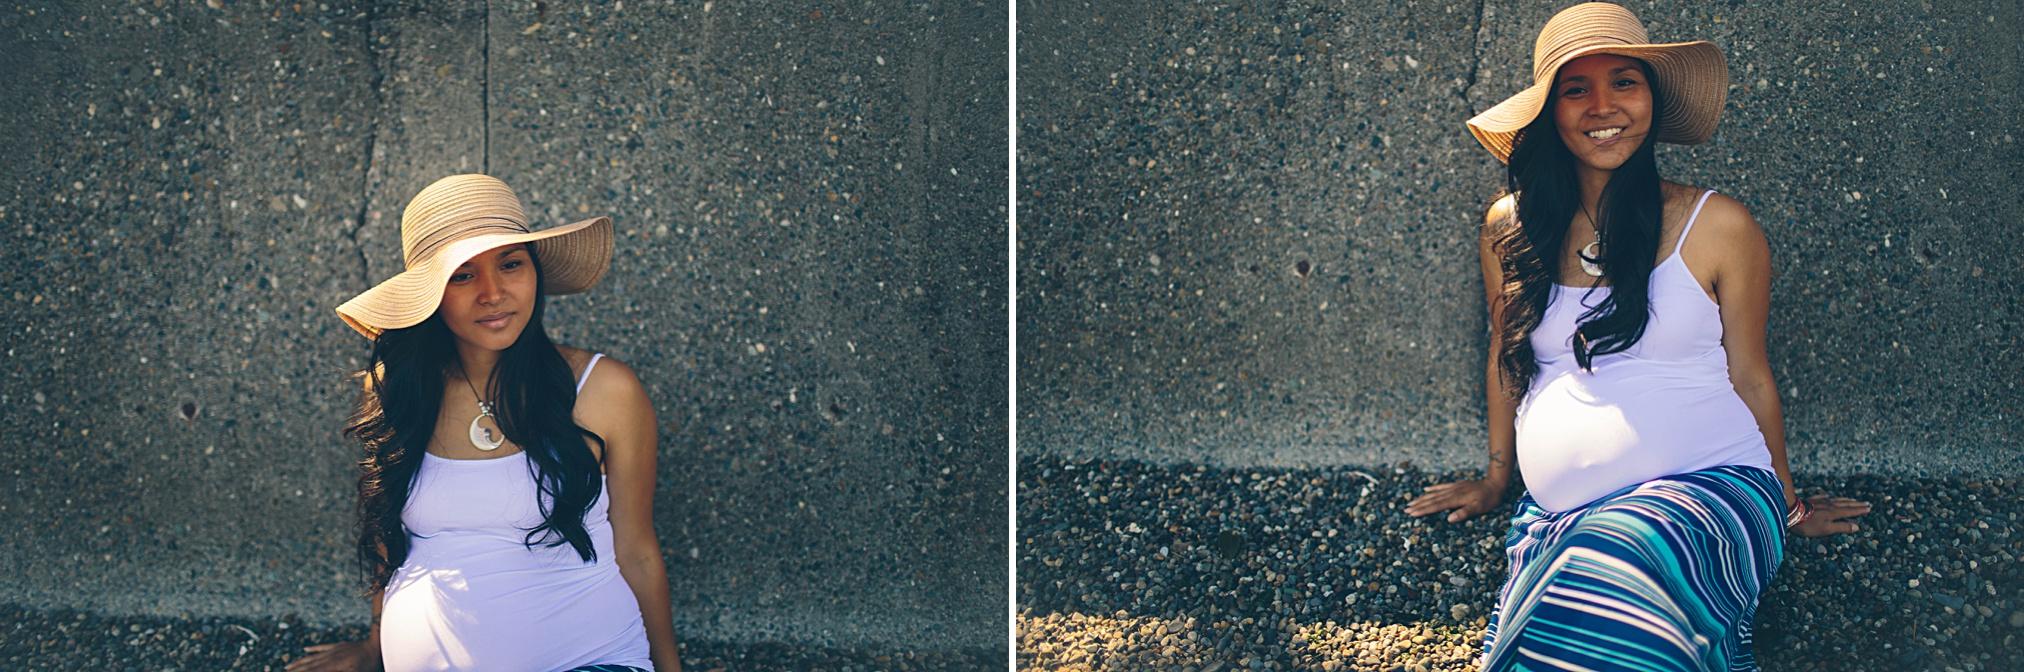 2014-08-11_0003.jpg